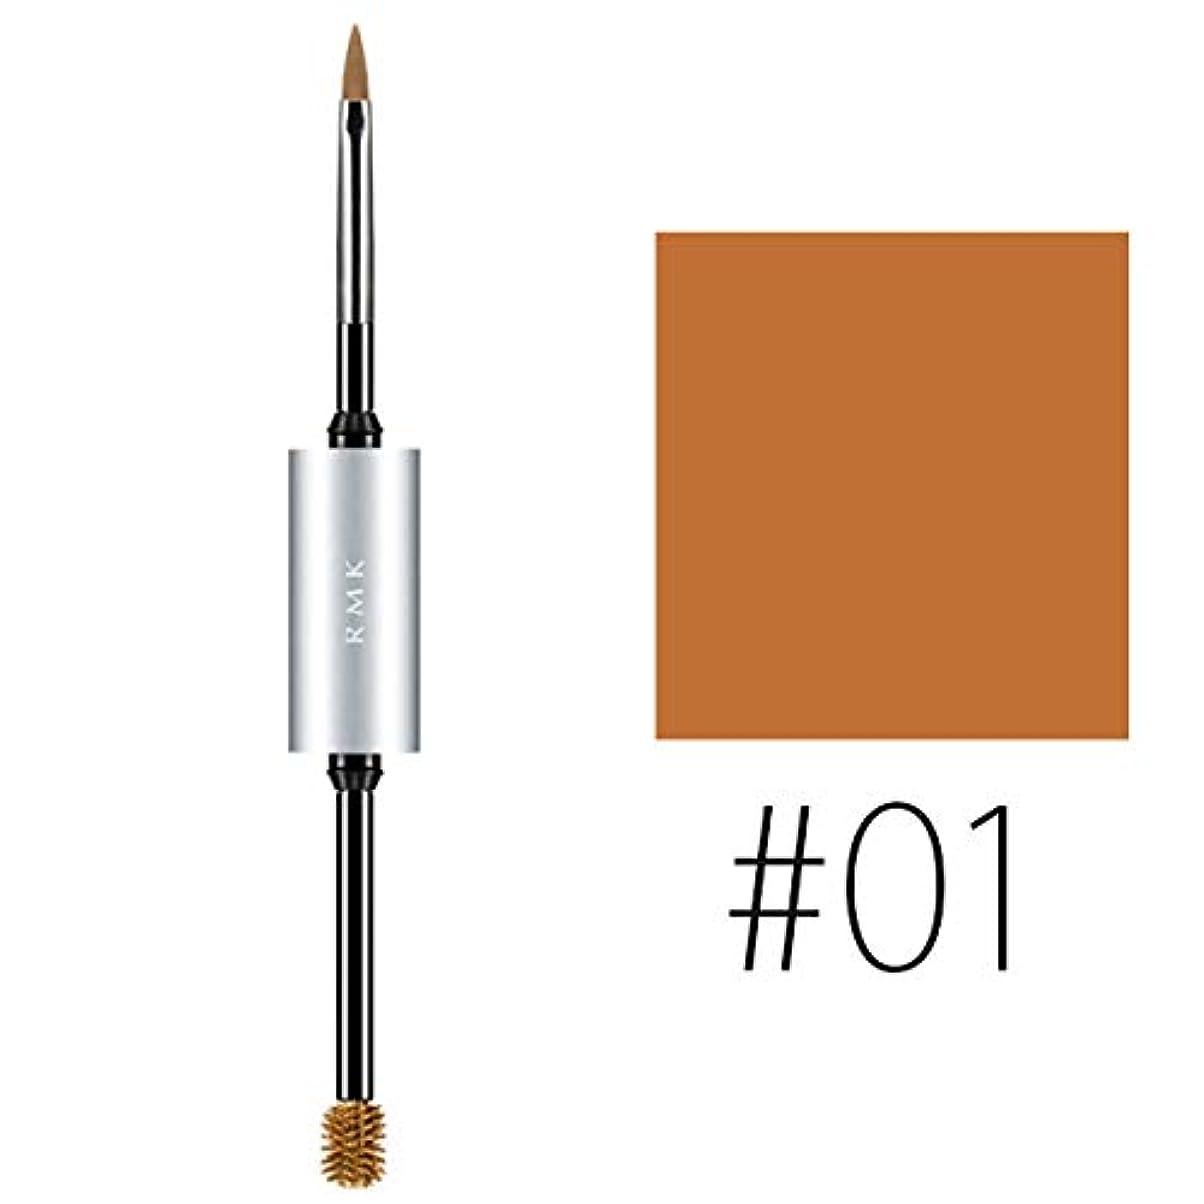 分析登場一次RMK Wアイブロウカラーズ【#01】 #キャラメルゴールド 5.4g